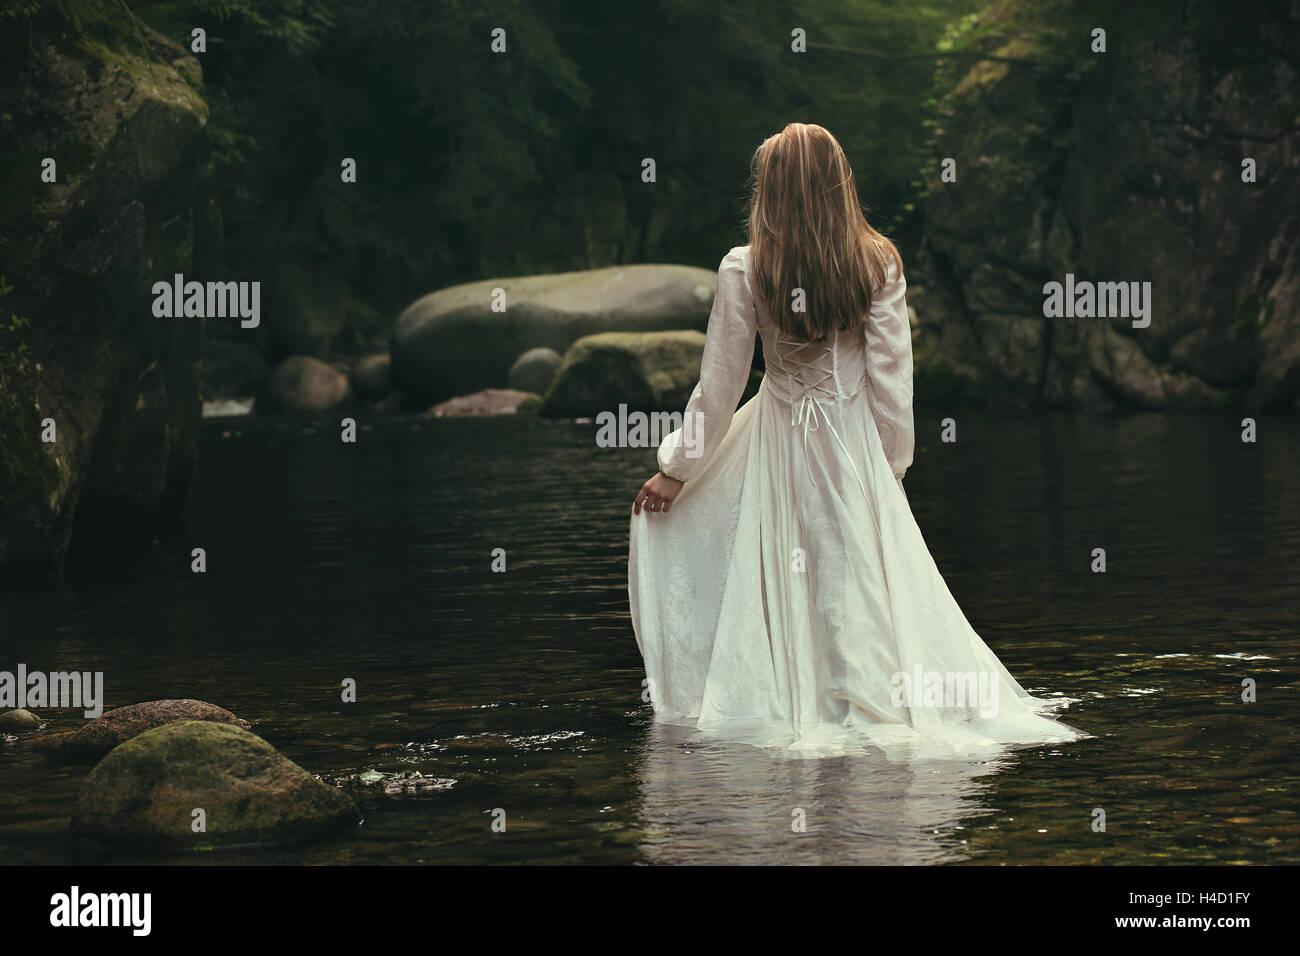 Donna romantiche passeggiate in un flusso di verde. Etereo e sognante Foto Stock